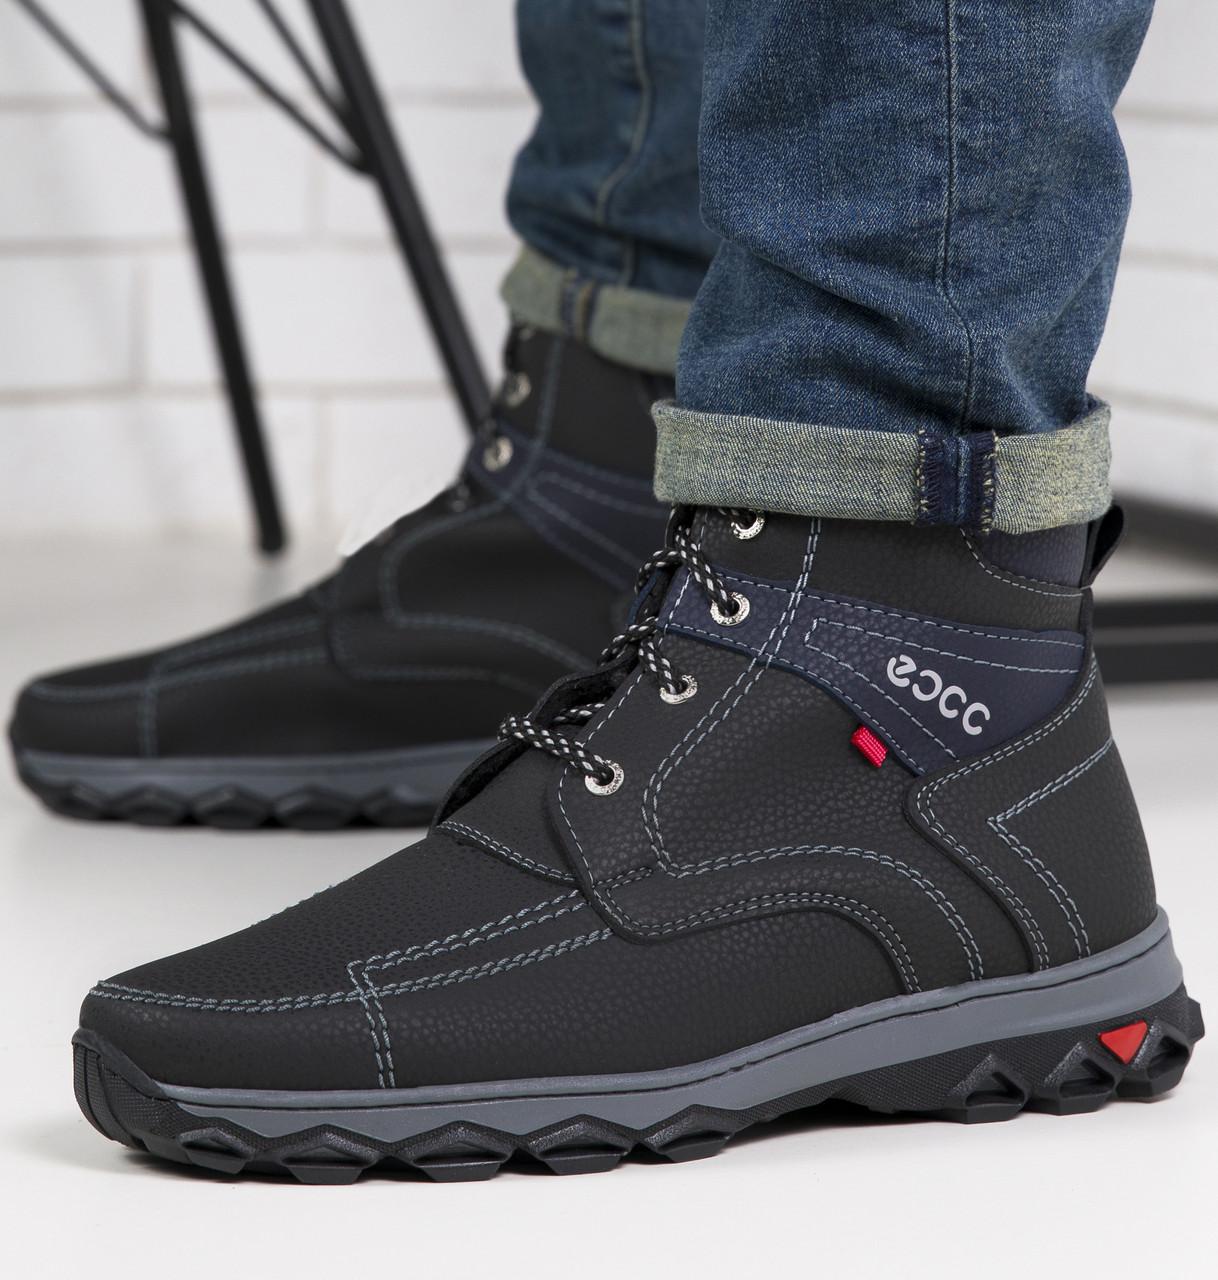 Ботинки мужские зимние высокие -20°C